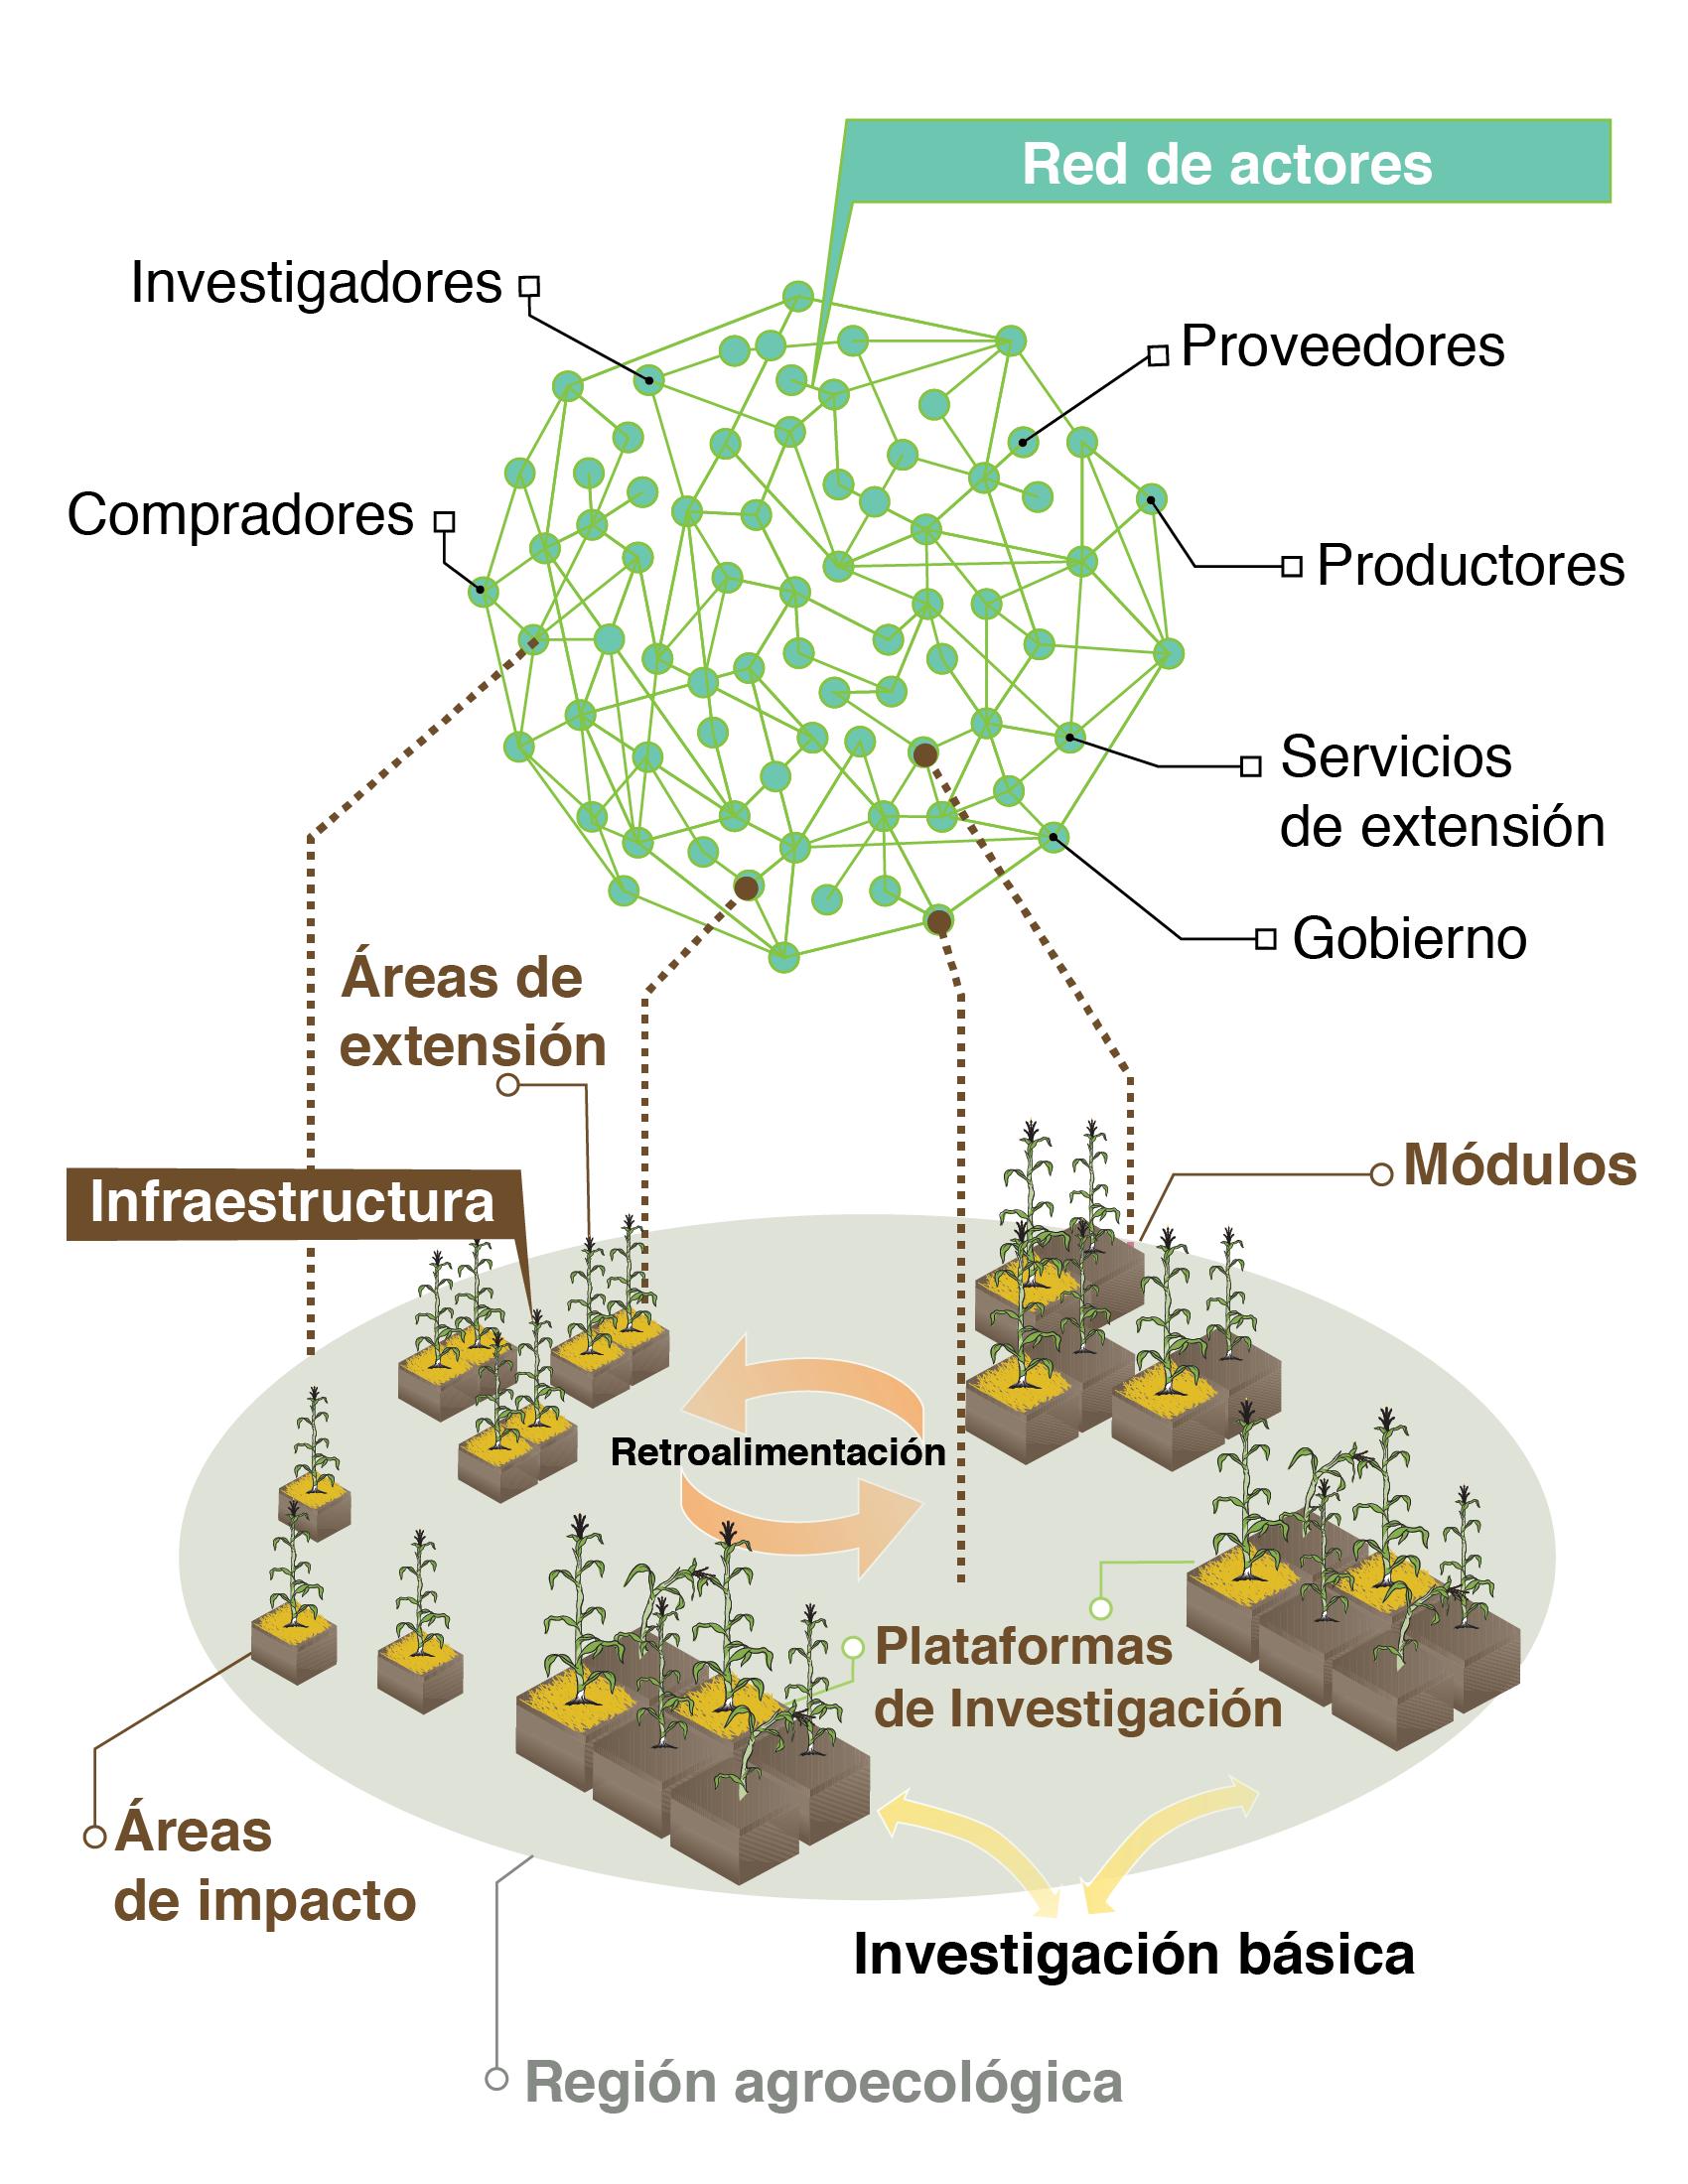 Ilustración esquemática de los hubs o redes de innovación del CIMMYT para los sistemas sostenibles de producción de maíz y trigo.